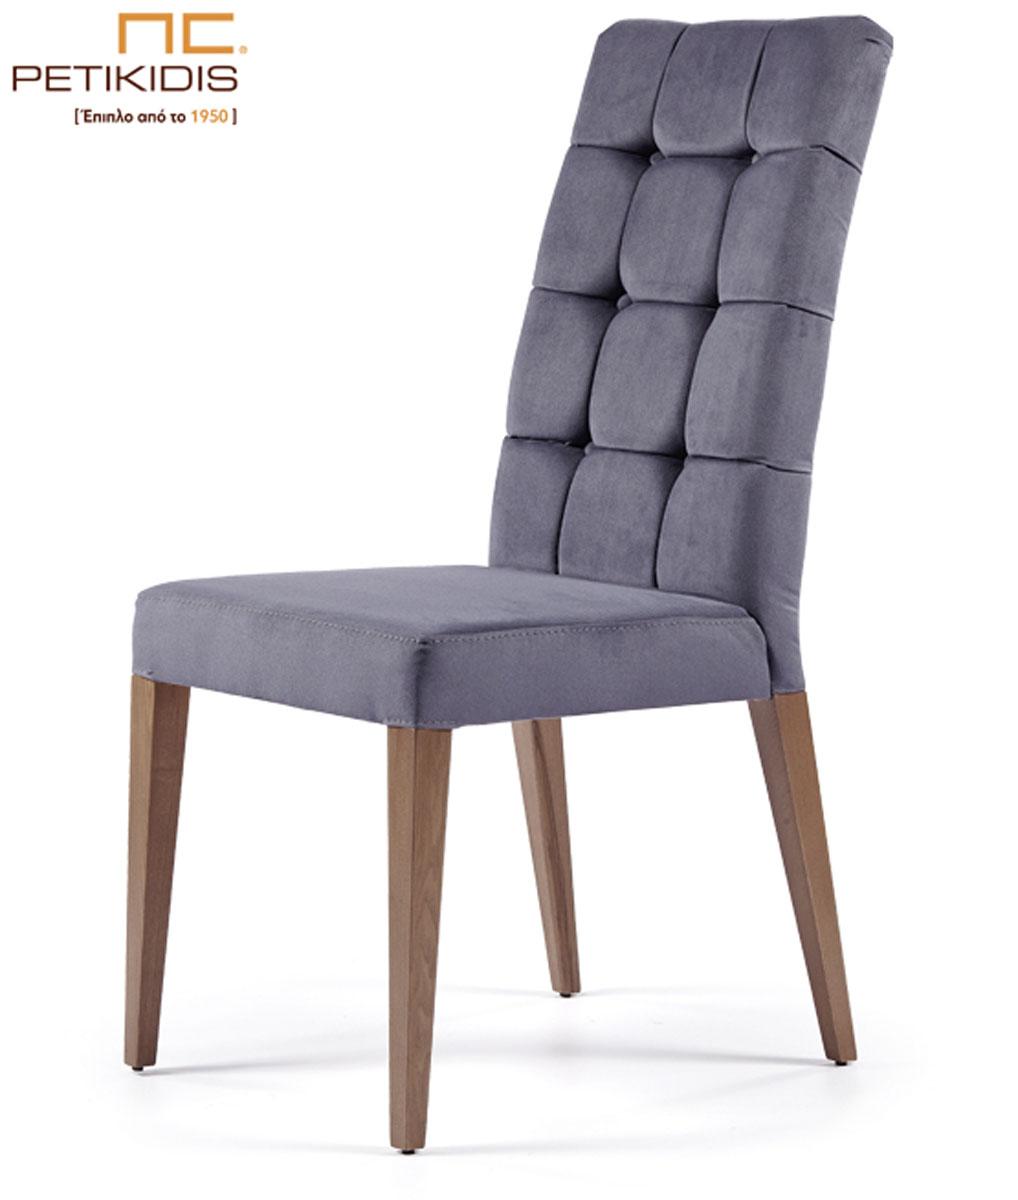 Καρέκλα Νο141Β-01 με μασίφ ξύλινα πόδια. Η πλάτη της είναι καπιτονέ δίνοντας ένα ιδιαίτερο στοιχείο στο minimal σχεδιασμό της. Το ύφασμα είναι σε γκρι μπλε αποχρώσεις αδιάβροχο και αλέκιαστο.